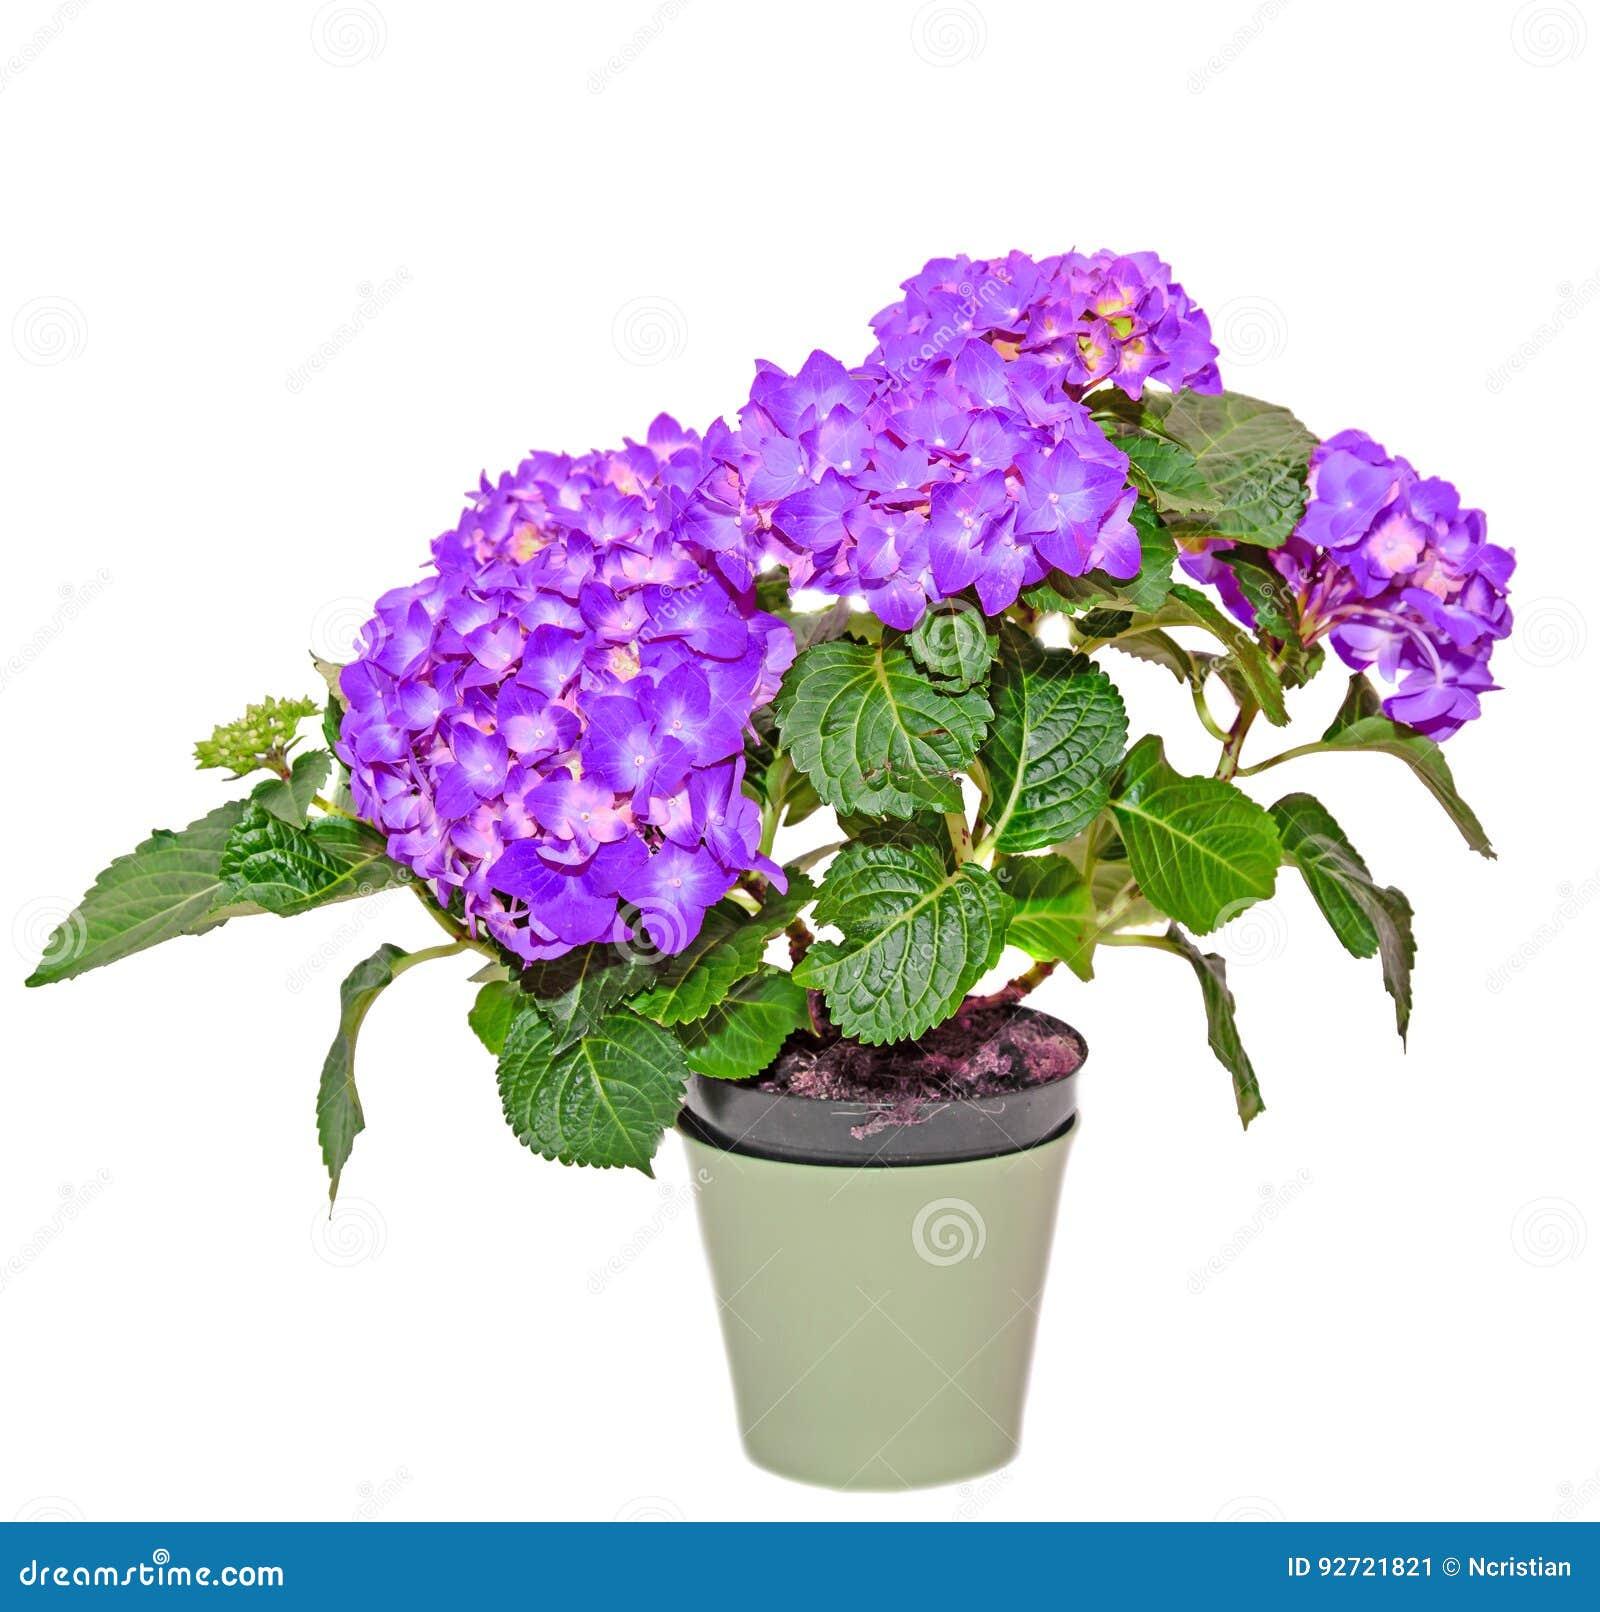 Hortensias Cuidados Poda Poda De Las Hortensias With Hortensias - Hortensias-cuidados-poda